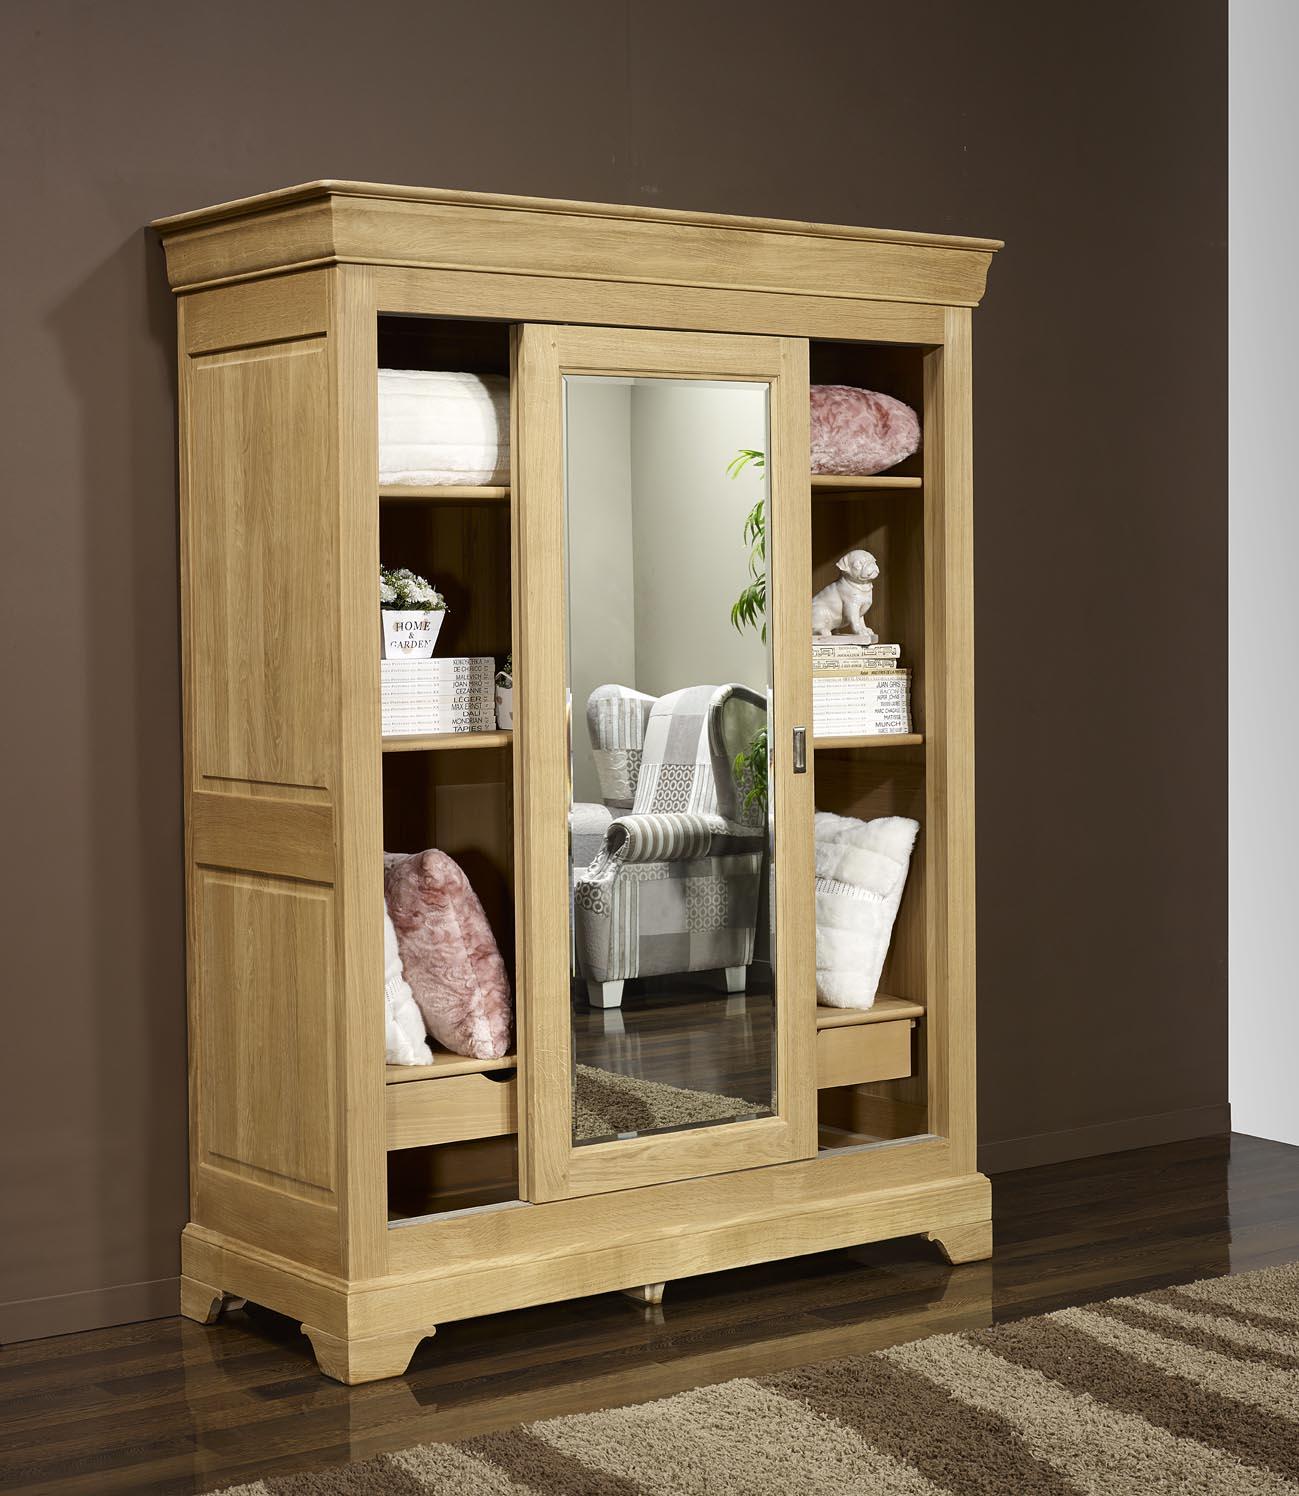 armoire 2 portes jean olivier en ch ne massif de style louis philippe portes coulissantes. Black Bedroom Furniture Sets. Home Design Ideas